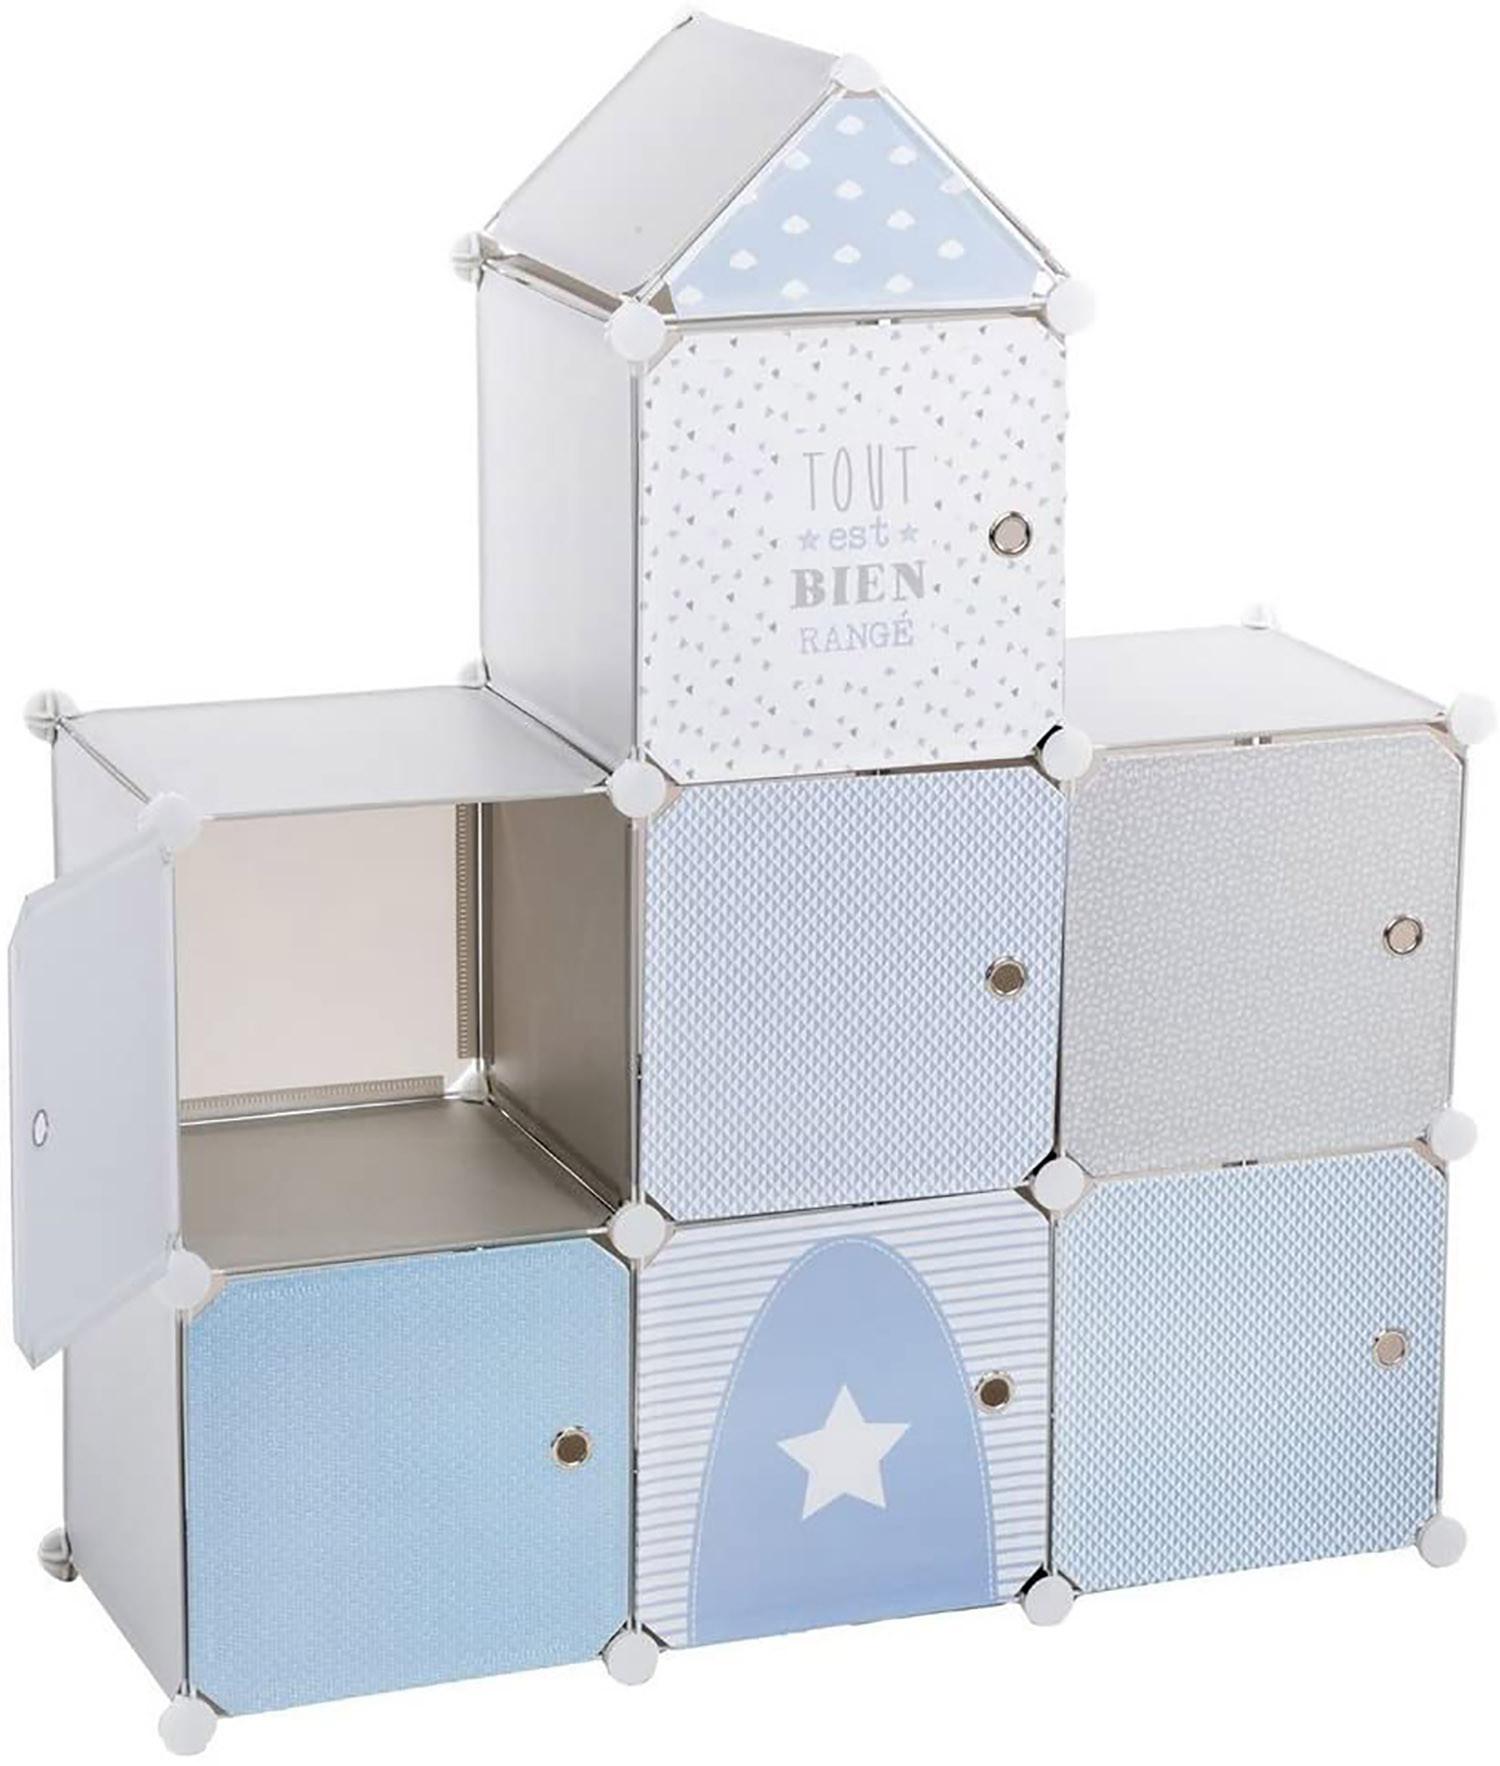 Mueble de Almacenamiento para Habitación, Mueble Infantil Azul con Forma Castillo con 7 Espacios de Almacenamiento